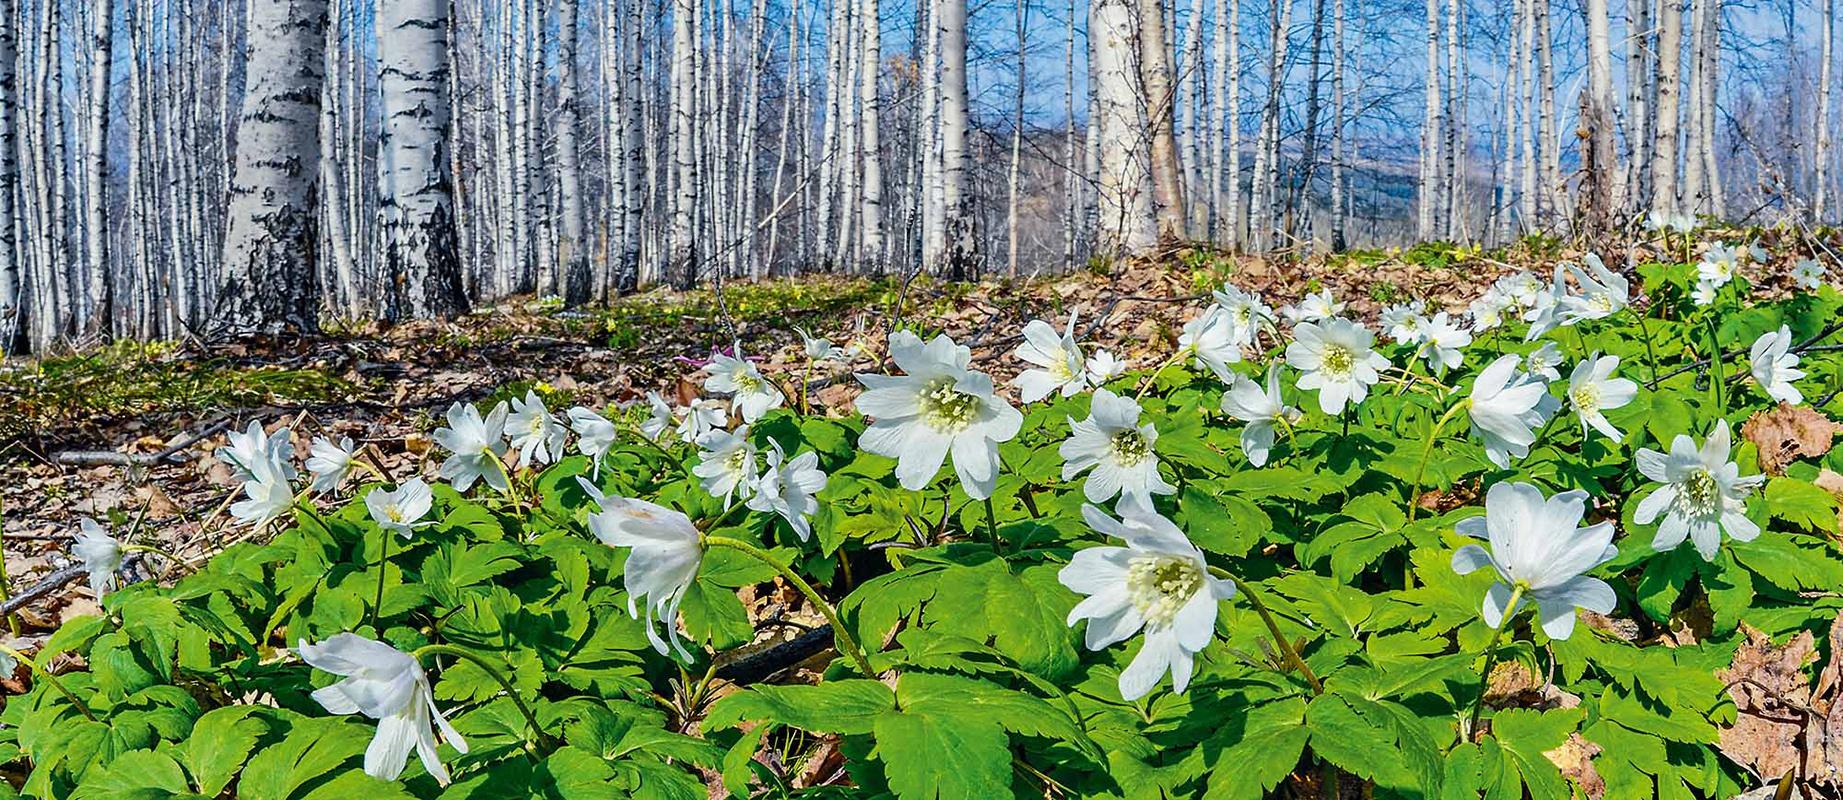 Ríos intactos, lagos asombrosos y bosques de pinos llenos de sonidos que ayudan a relajarse a los habitantes de las grandes ciudades.Lea más: Las montañas de Altái, un santuario de la naturaleza